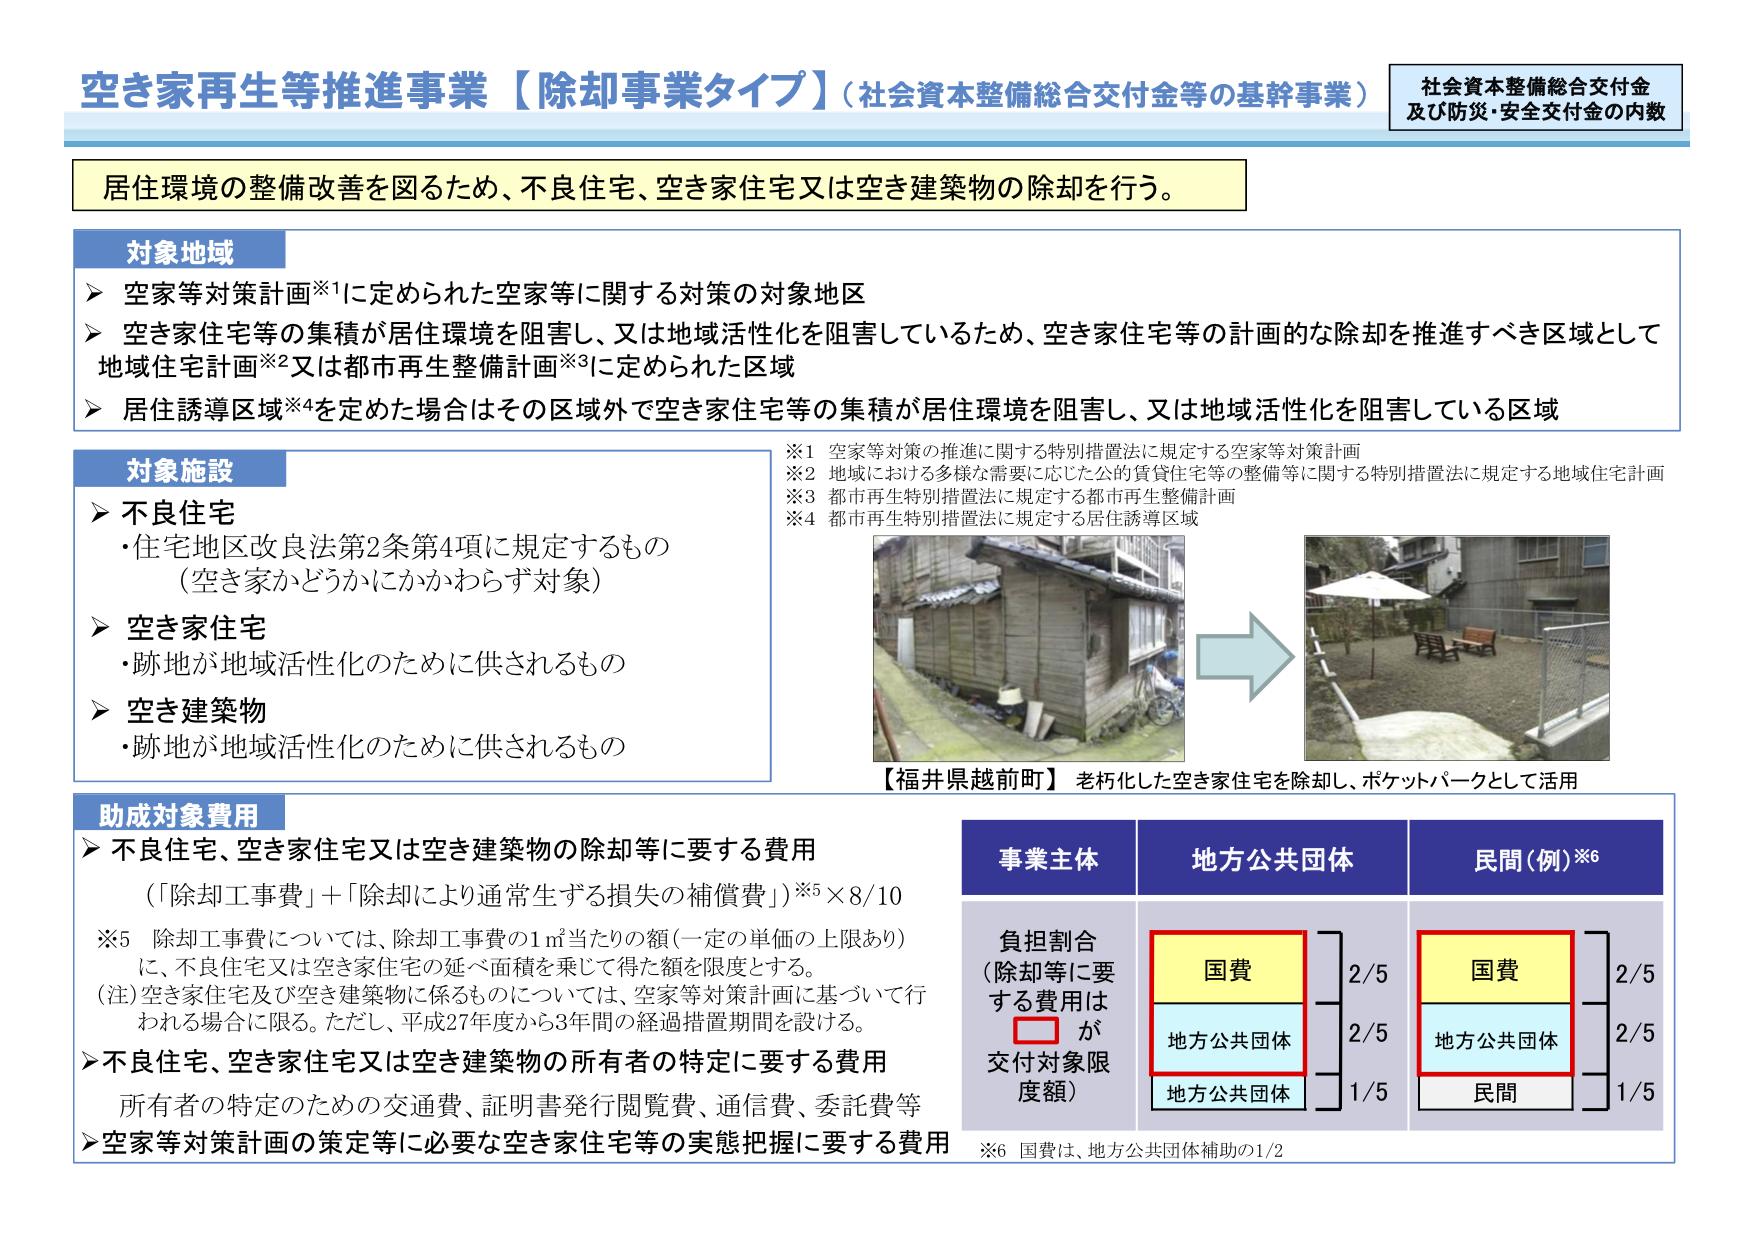 国土交通省「空き家対策等推進事業(除却事業)